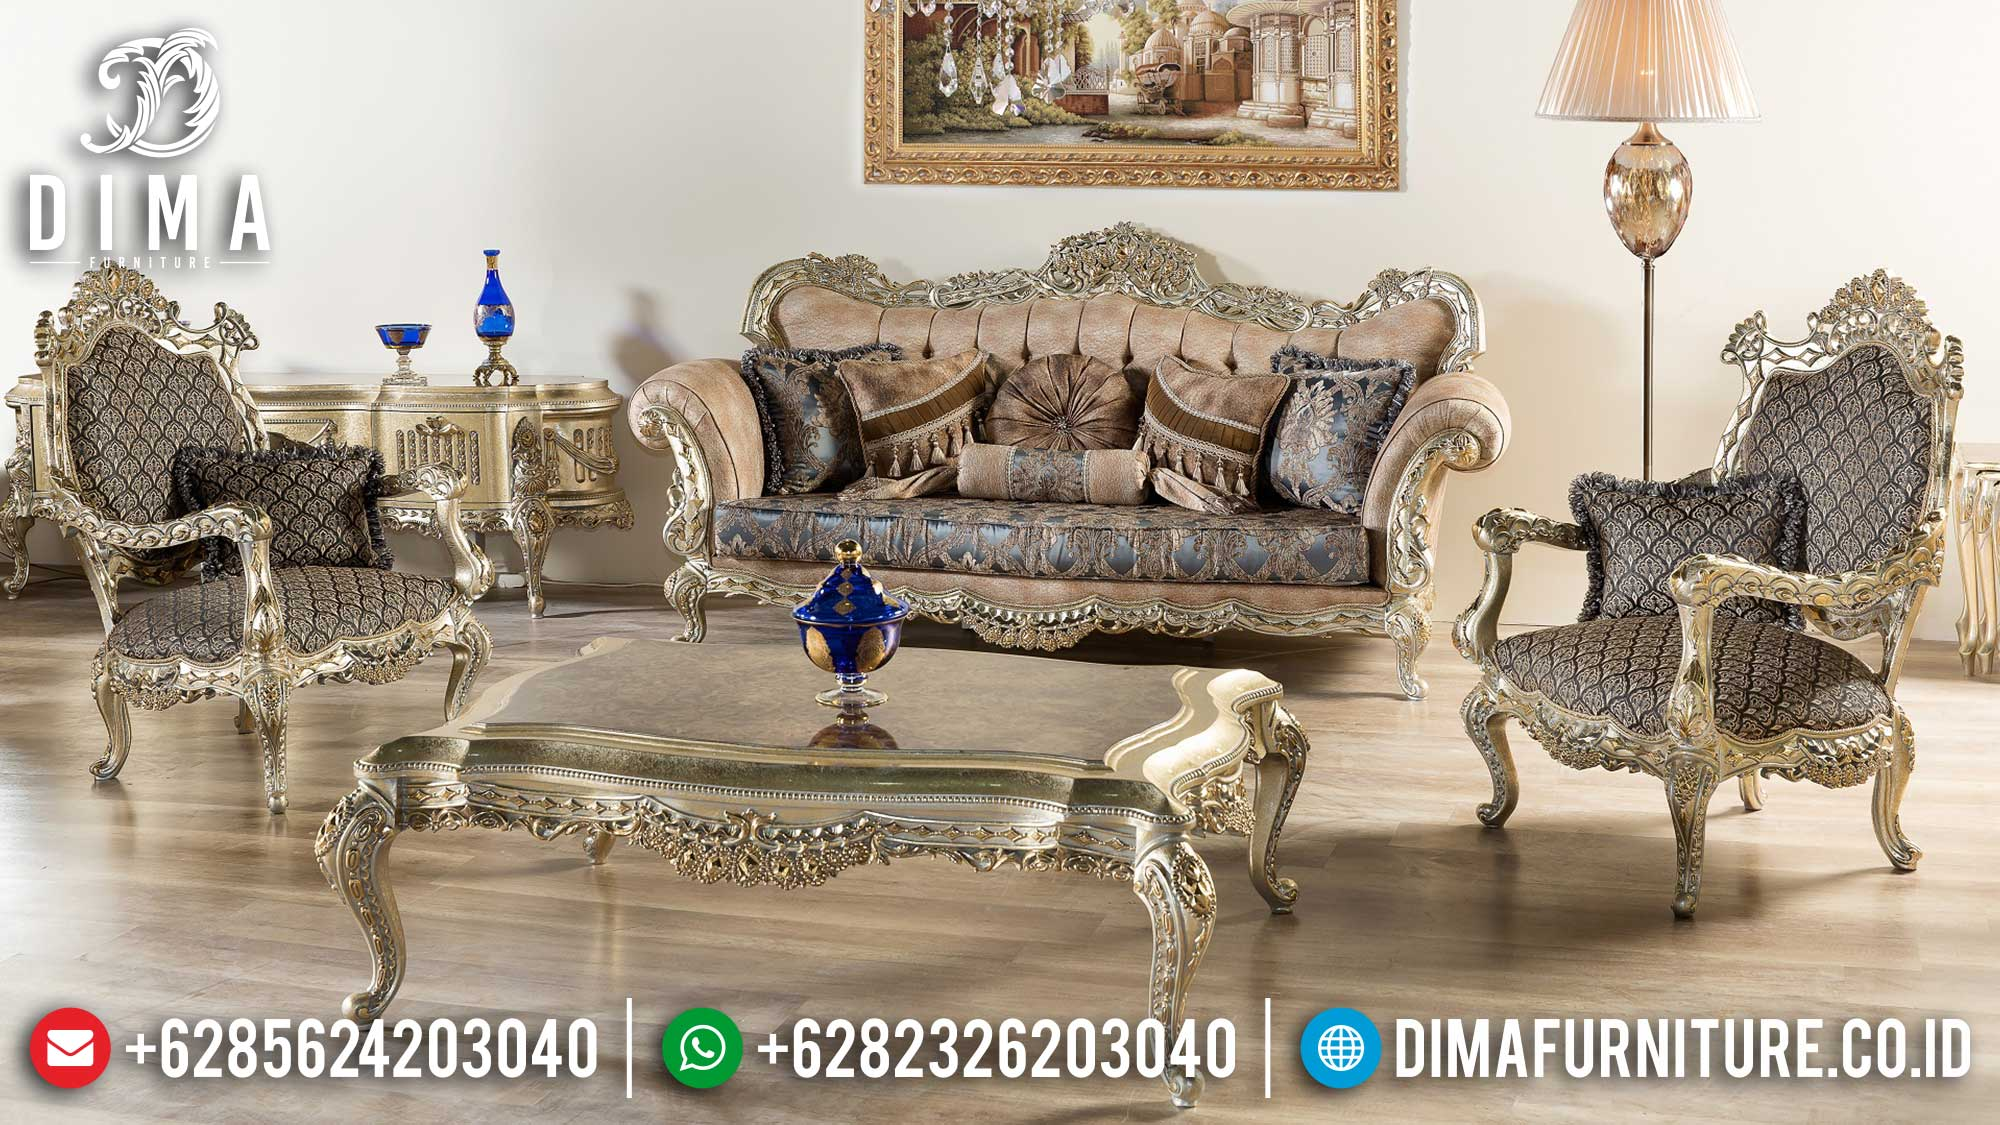 Sofa Tamu Mewah Terbaru Comfortable Design Luxury Classic Carving Jepara Mm-0963